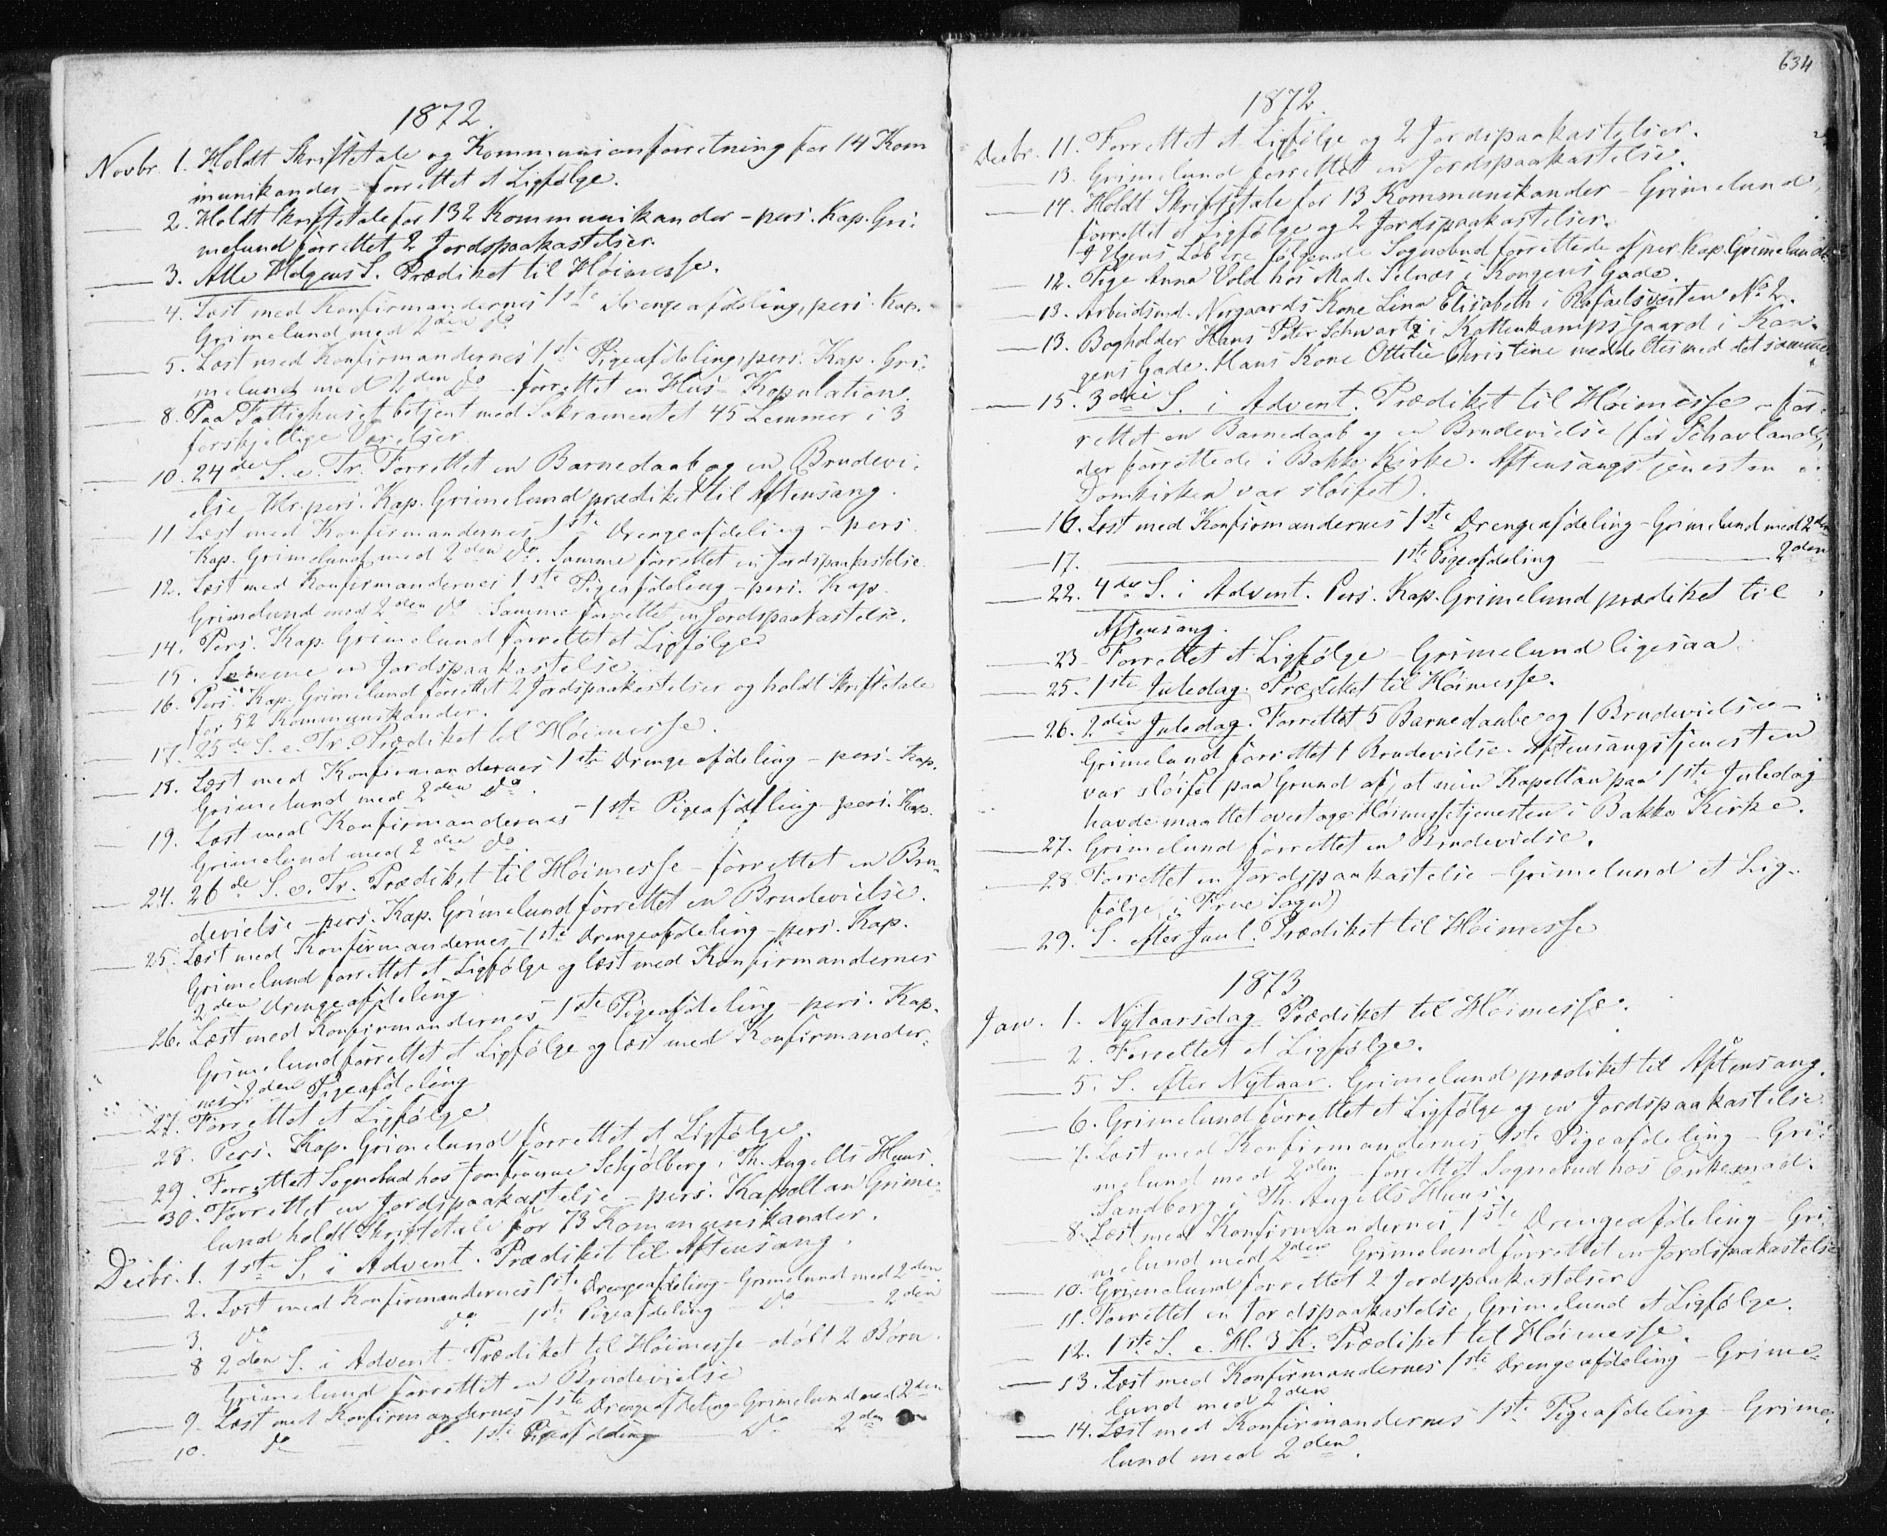 SAT, Ministerialprotokoller, klokkerbøker og fødselsregistre - Sør-Trøndelag, 601/L0055: Ministerialbok nr. 601A23, 1866-1877, s. 634